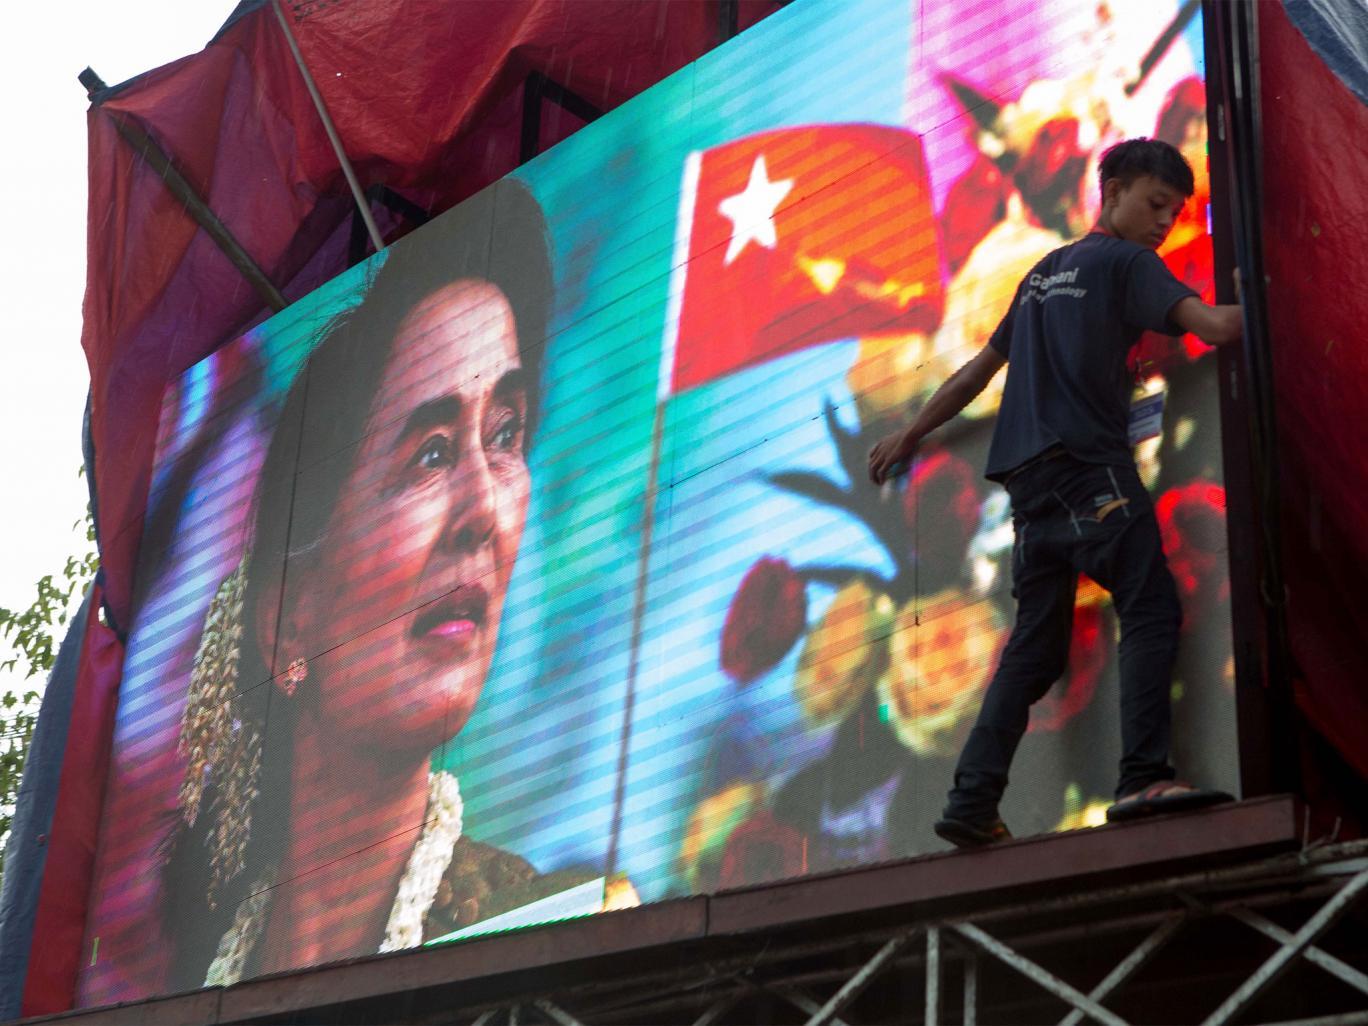 Không thành tổng thống Myanmar, bà Suu Kyi vẫn lãnh đạo đất nước - 1